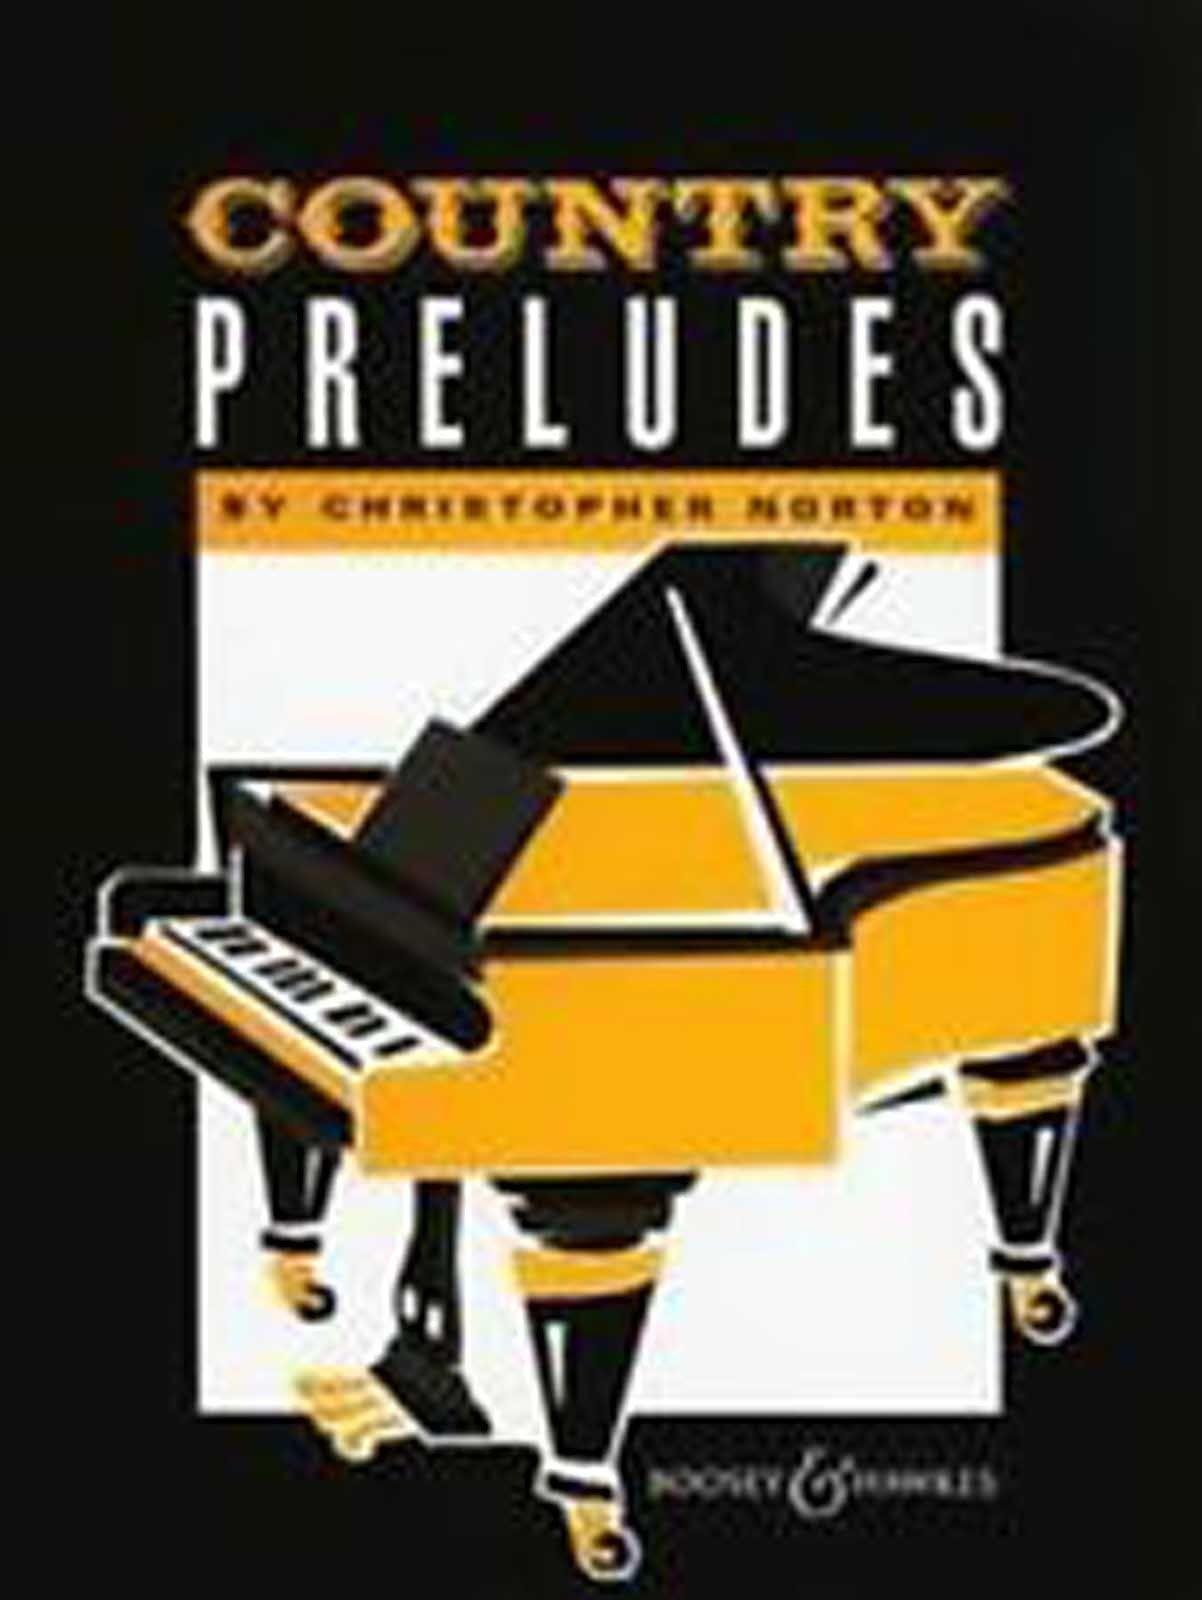 Country Preludes Piano Sheet Music Book Advanced Solo Repertoire Norton S100